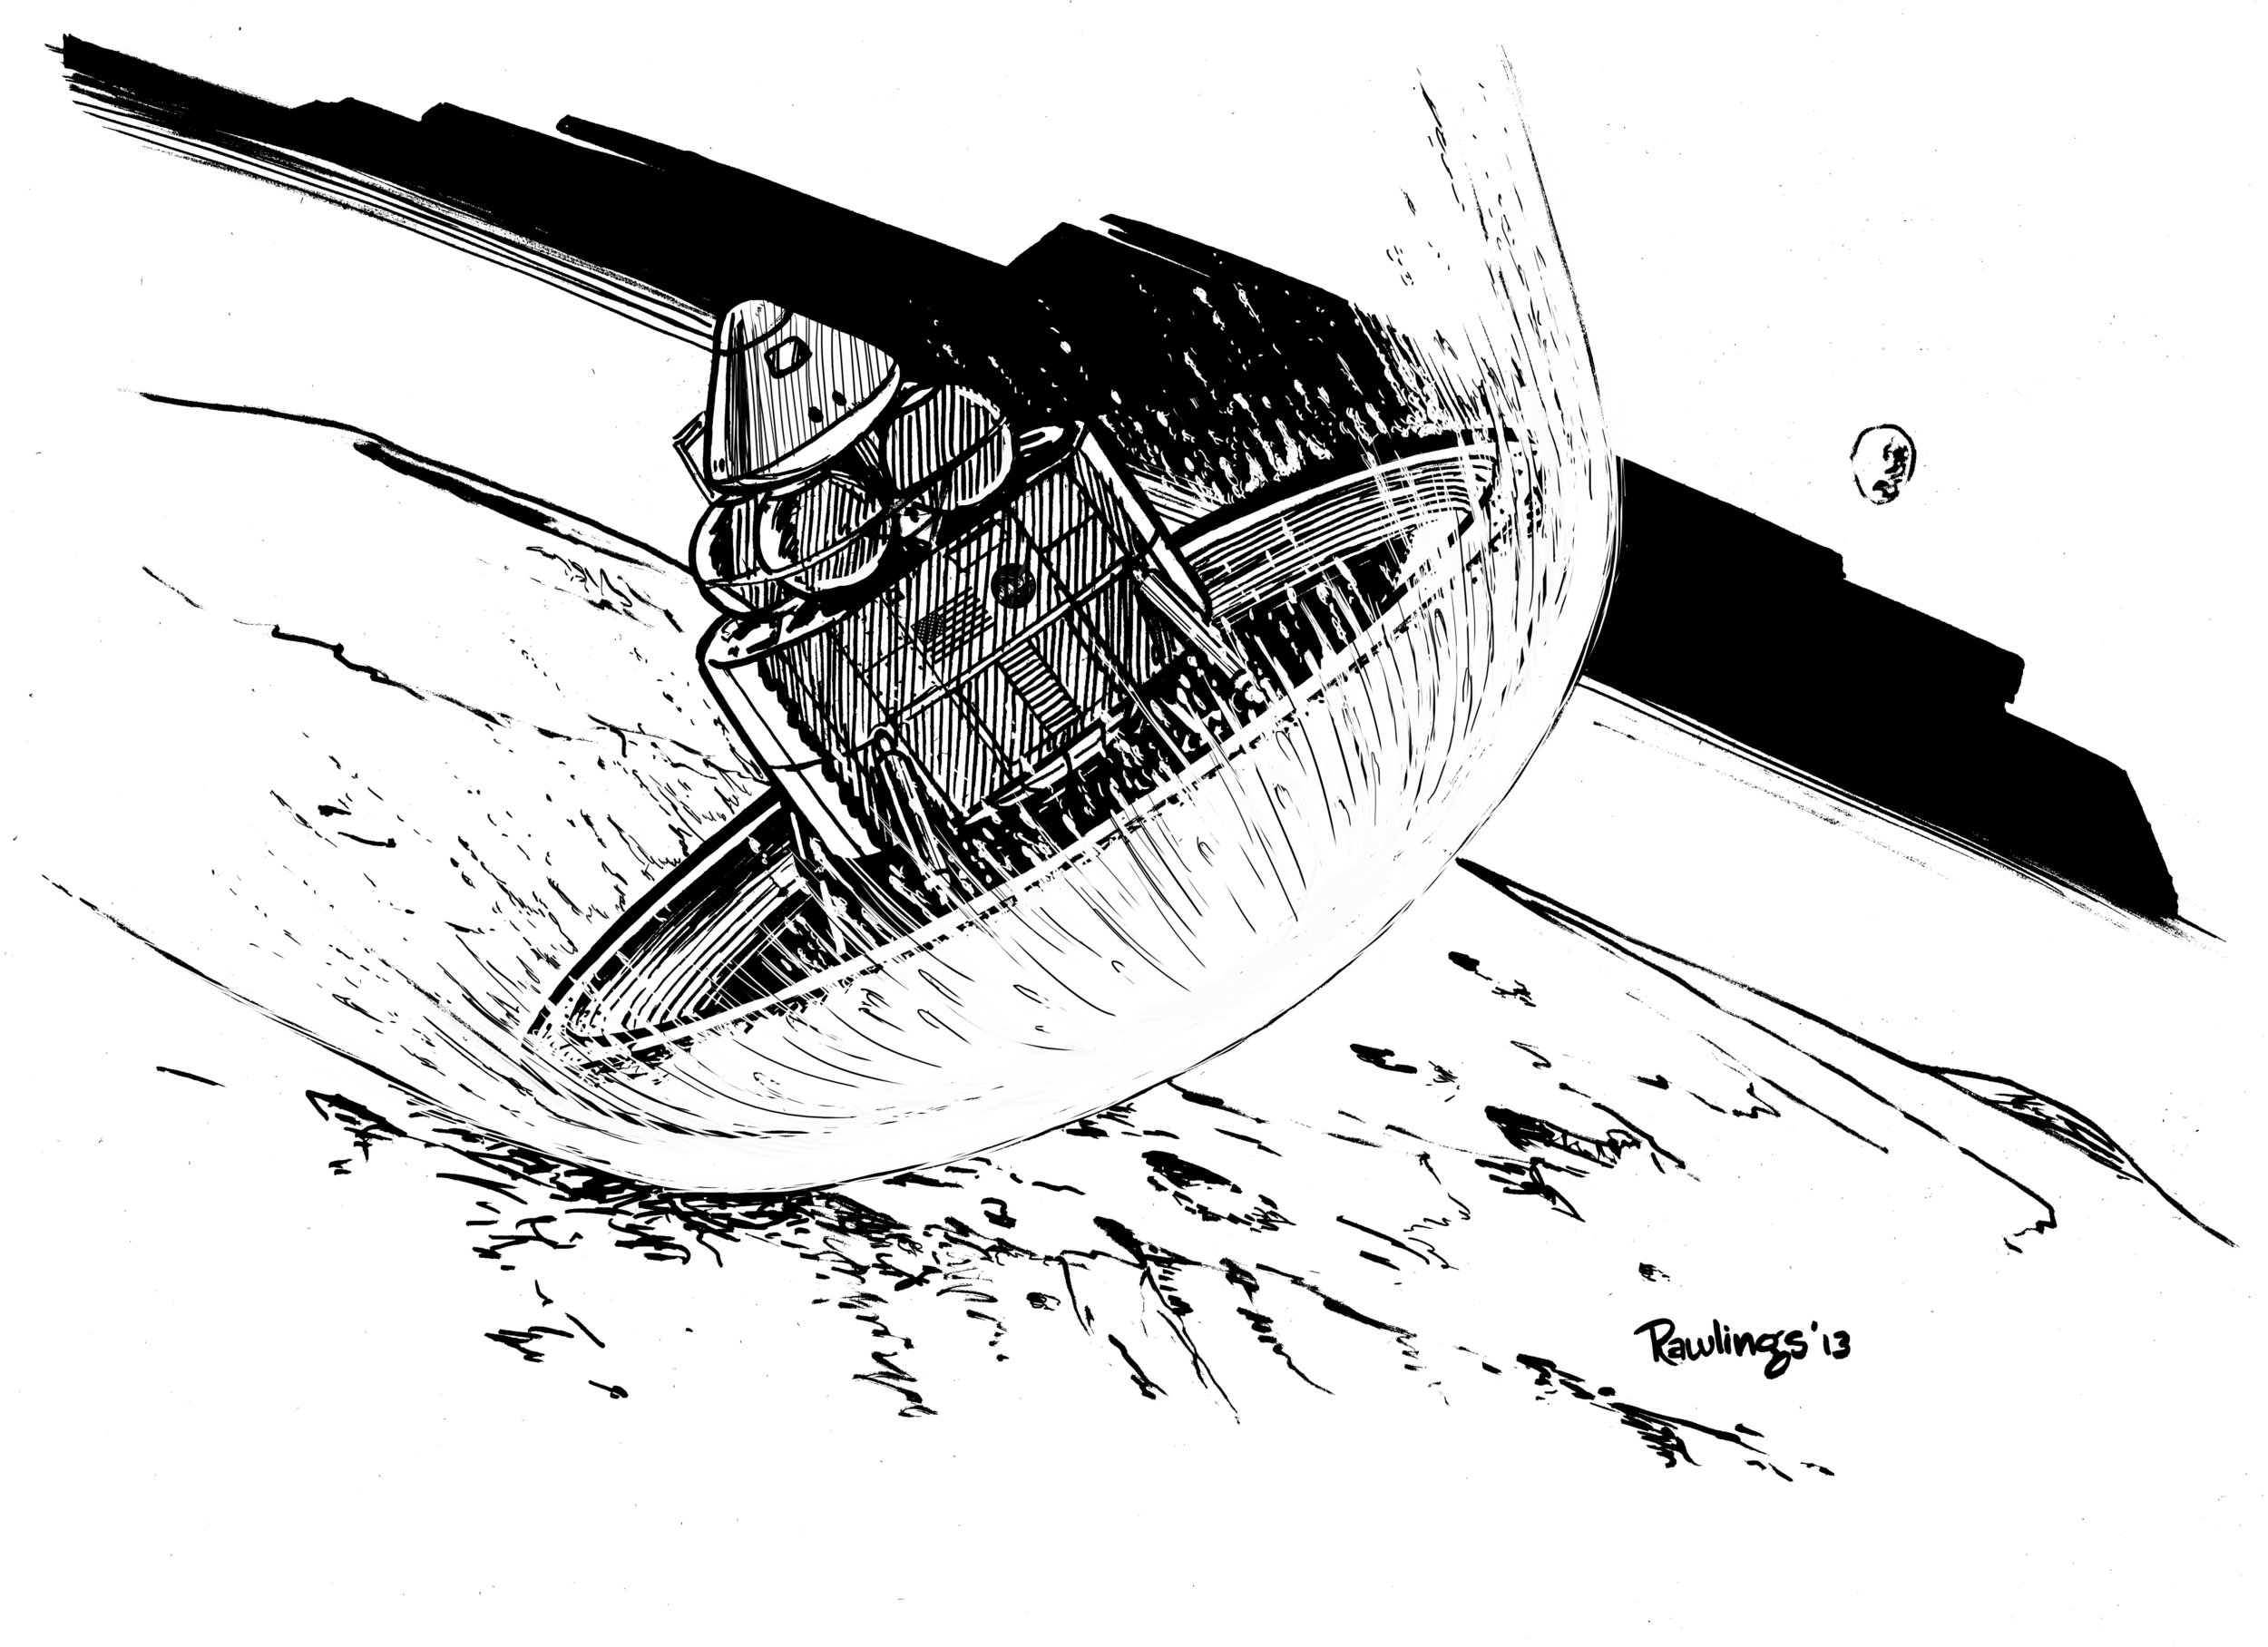 isru-aerobrake-v3.jpg